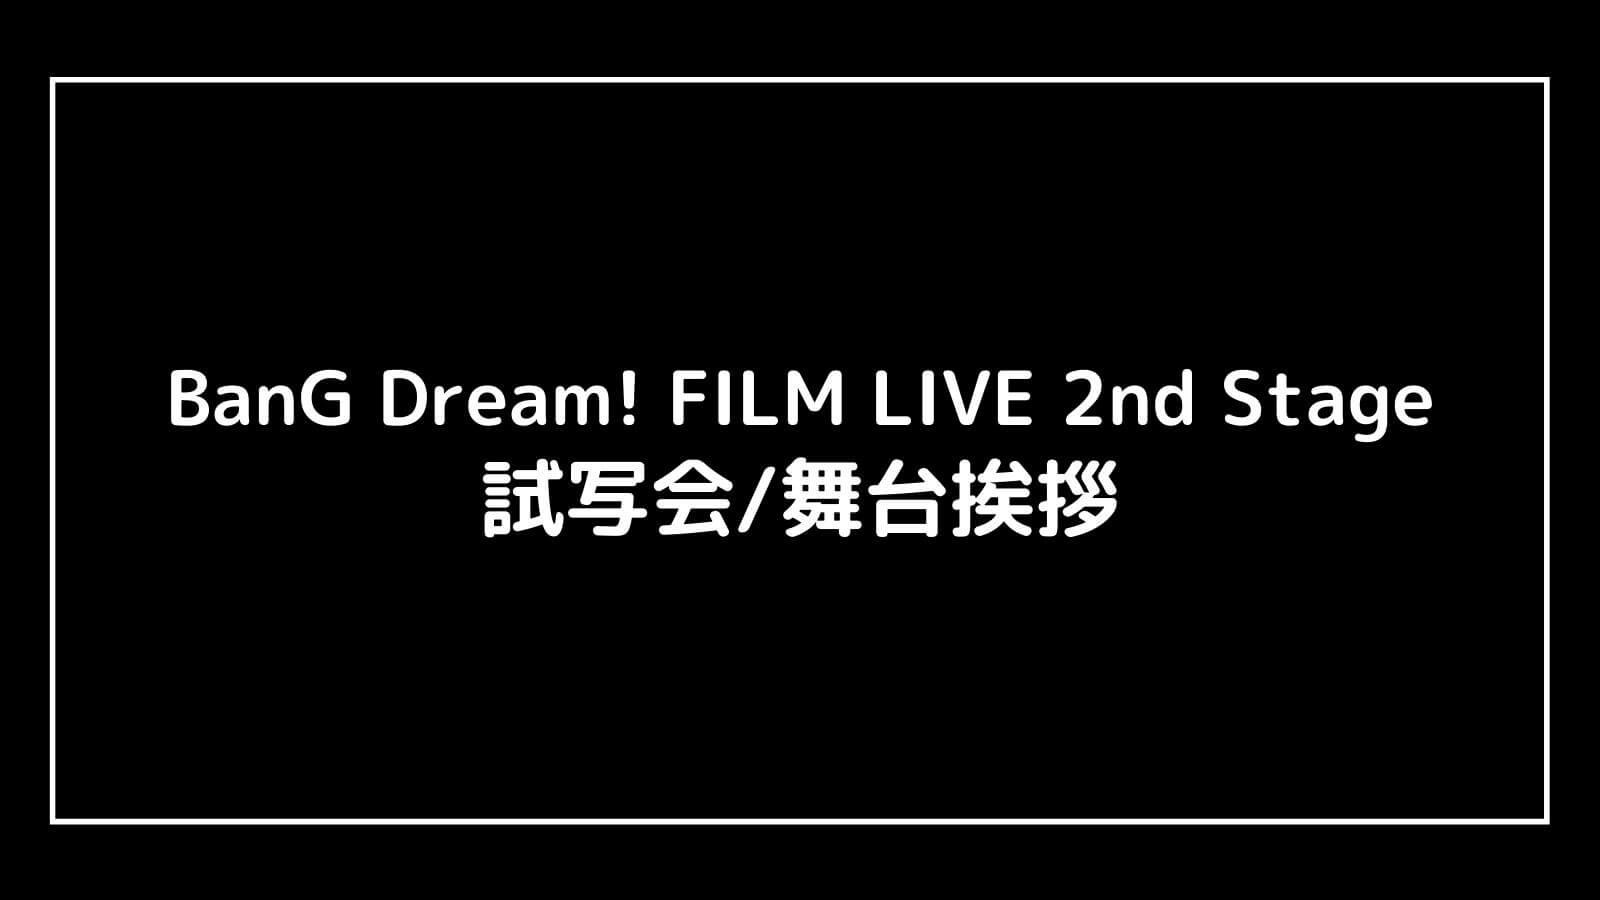 映画『BanG Dream! FILM LIVE 2nd Stage』の試写会と舞台挨拶ライブビューイング情報